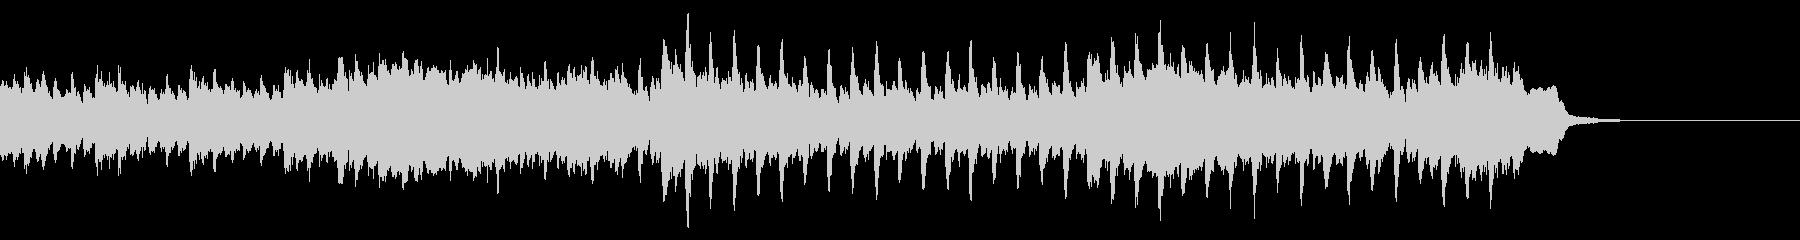 広告動画に使える爽やかなピアノの4つ打ちの未再生の波形